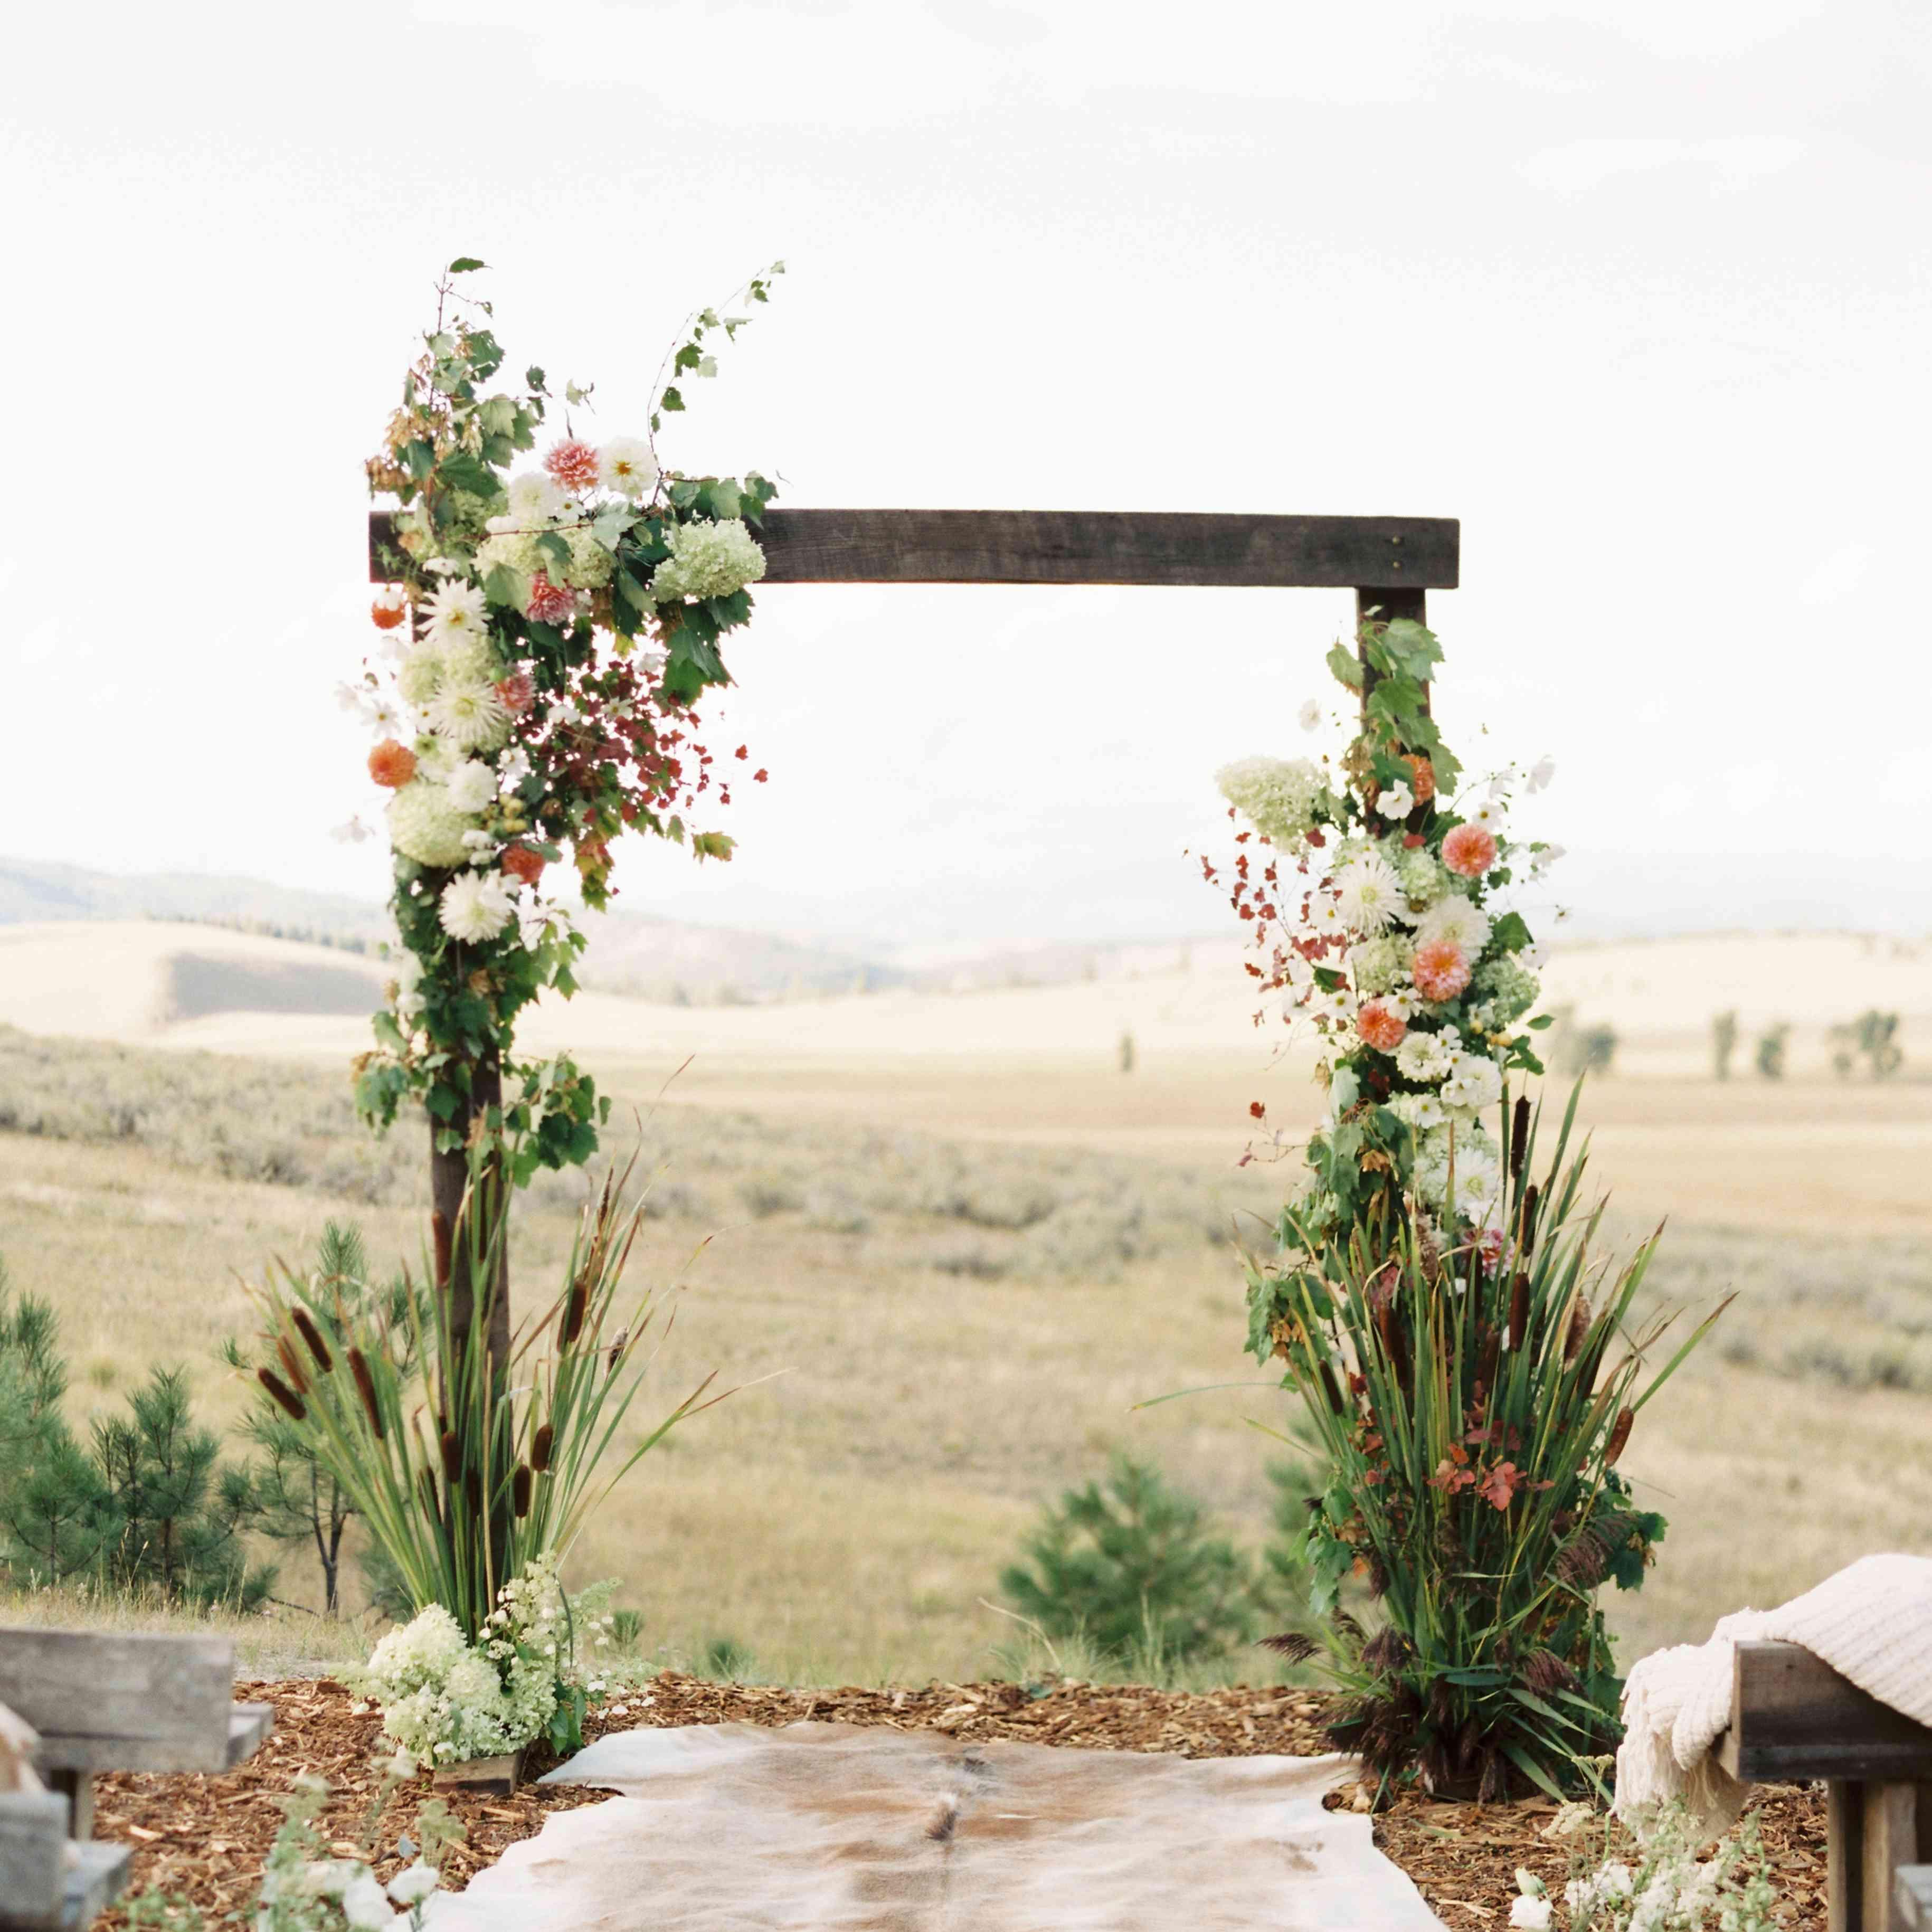 Rustic Wedding Altar Ideas: 25 Old-Fashioned Country Wedding Ideas